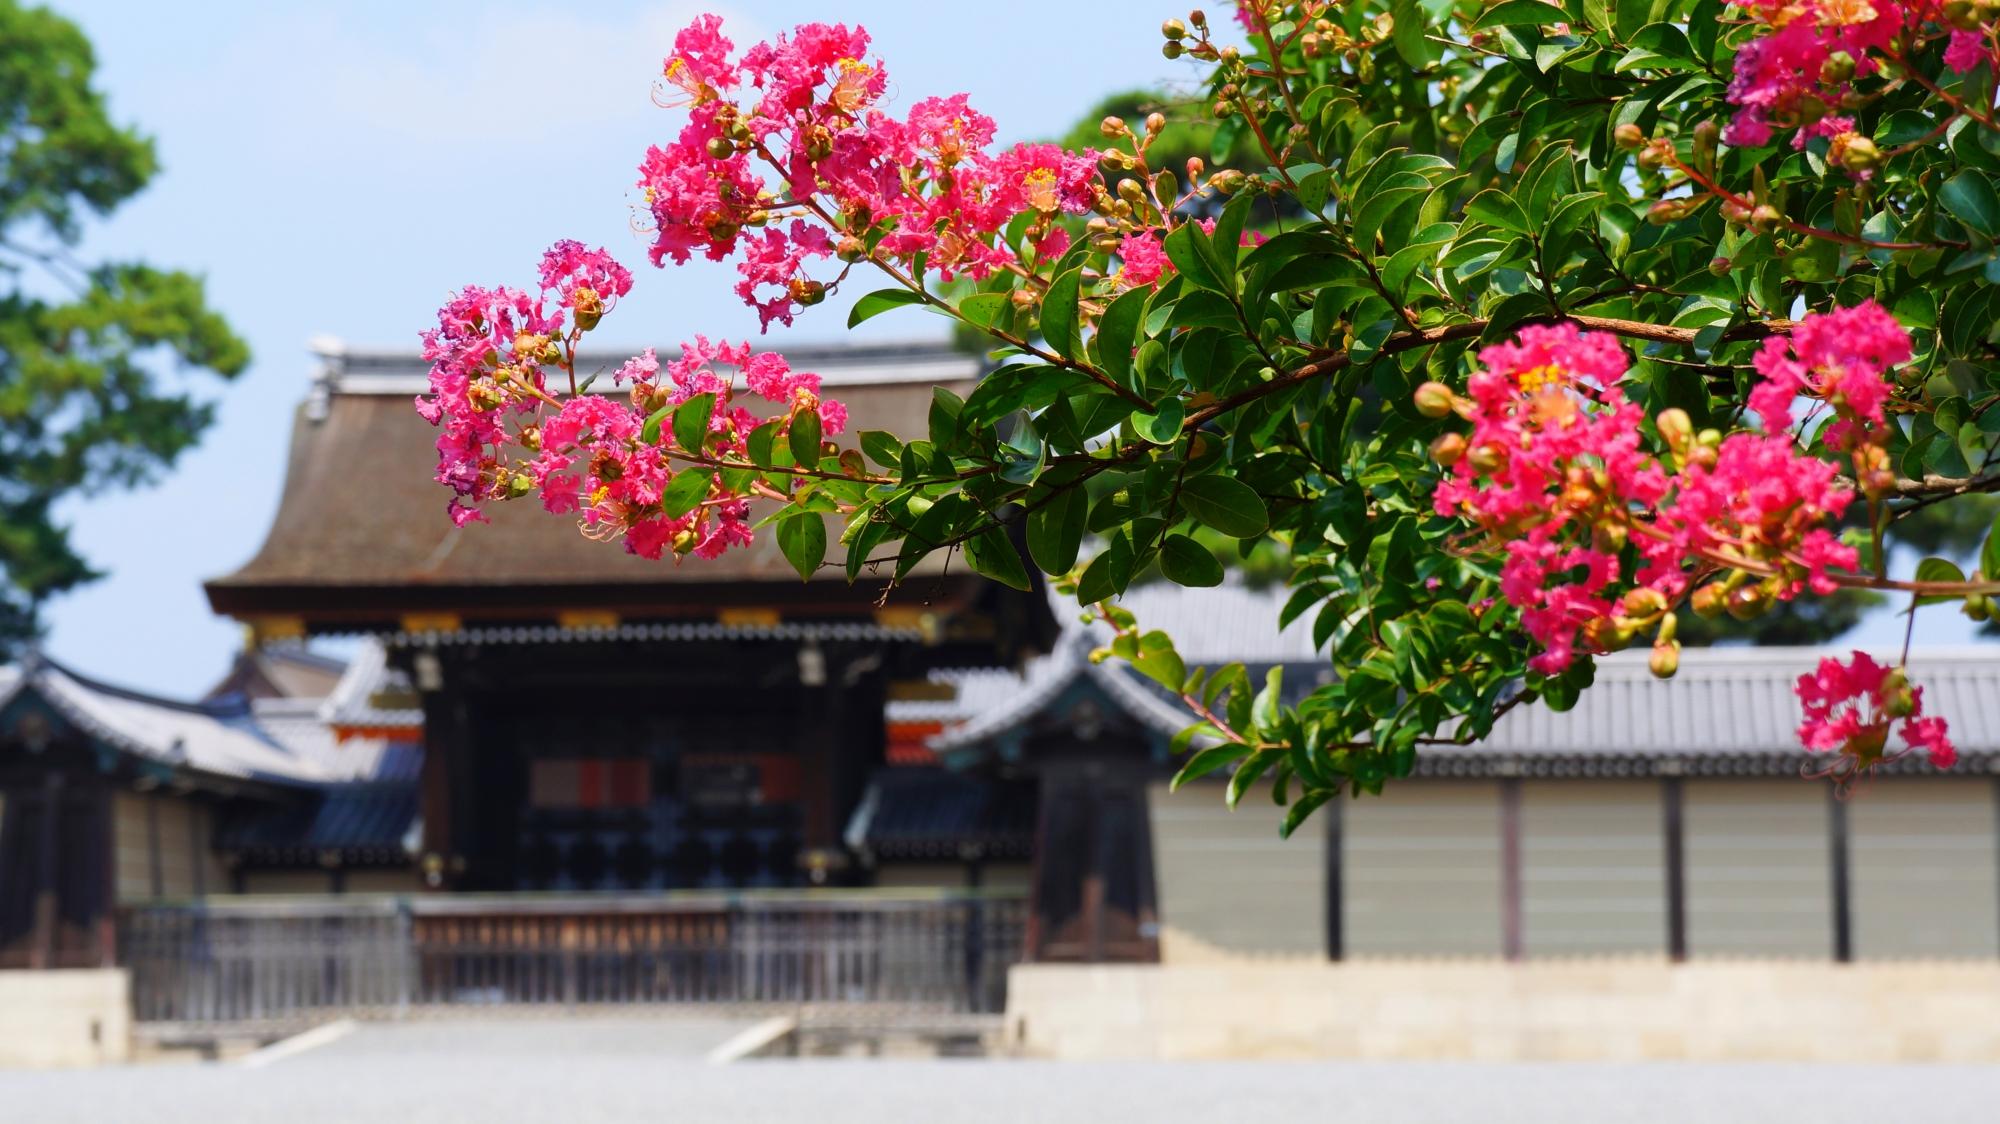 京都御苑と京都御所の絵になるサルスベリの風景